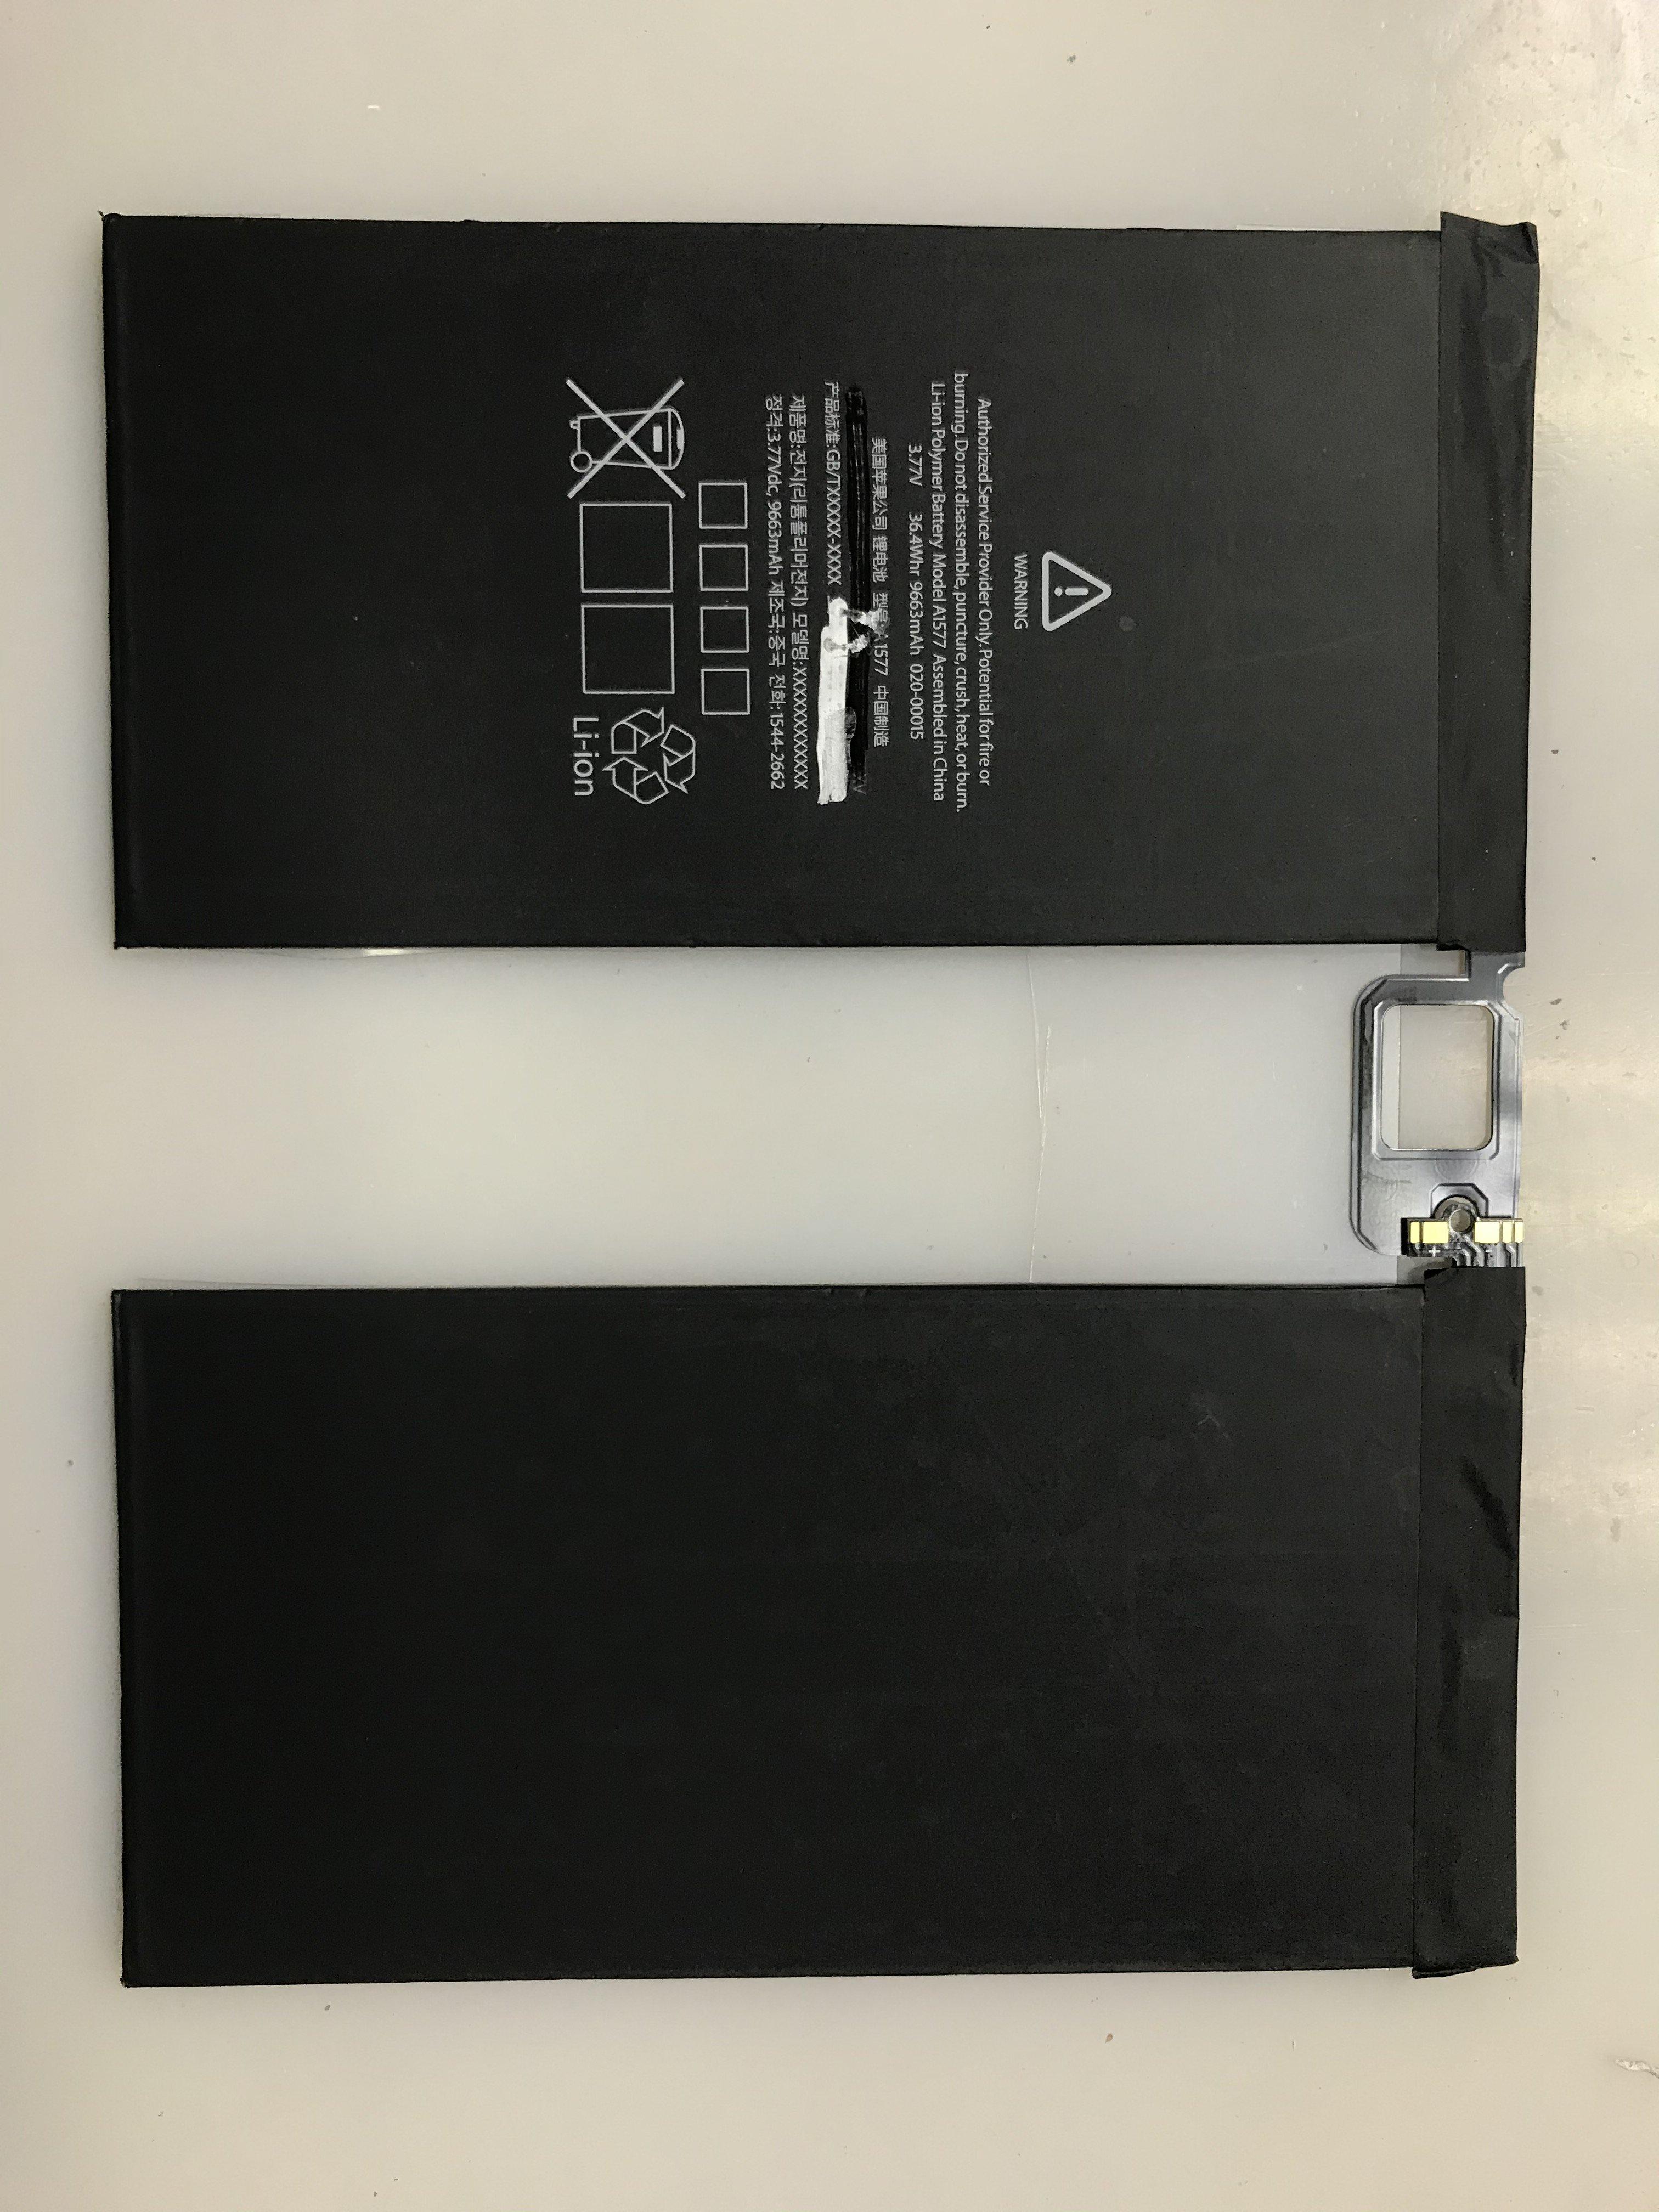 【光華恐龍的店】IPAD pro 12.9吋一代 A1584 A1652原廠電池更換,現場維修